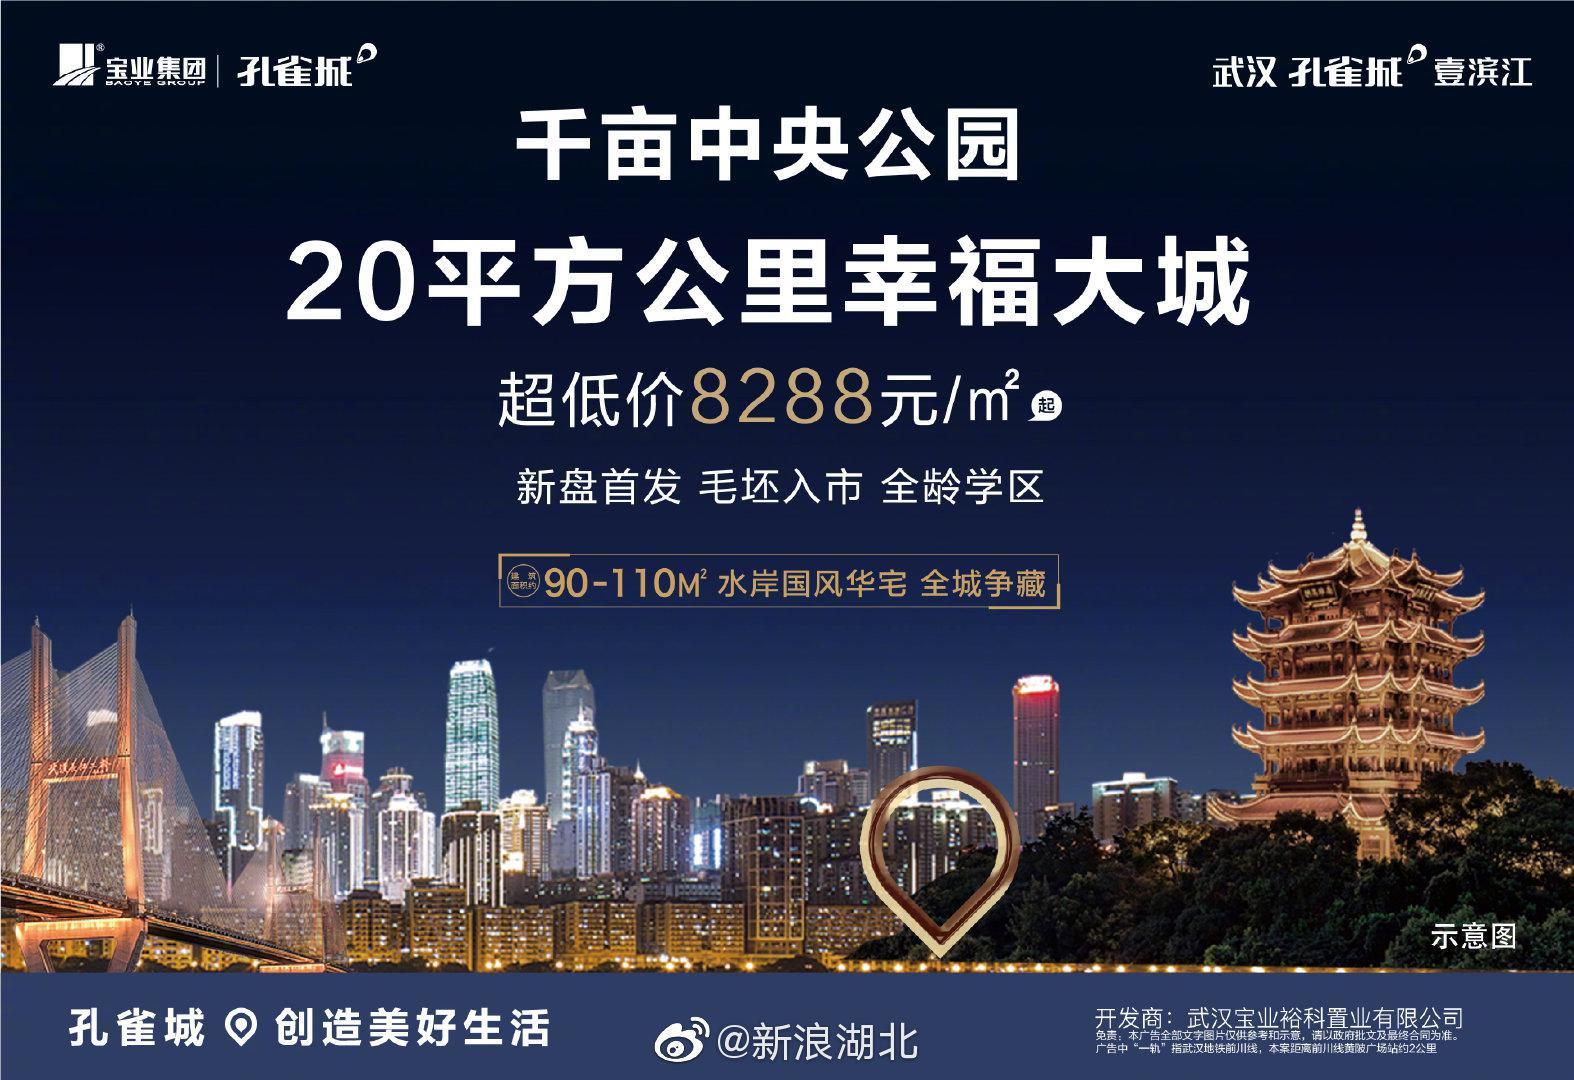 """近年来,随着武汉市四大产业集群""""大光谷、大车都、大临空、大临港"""""""